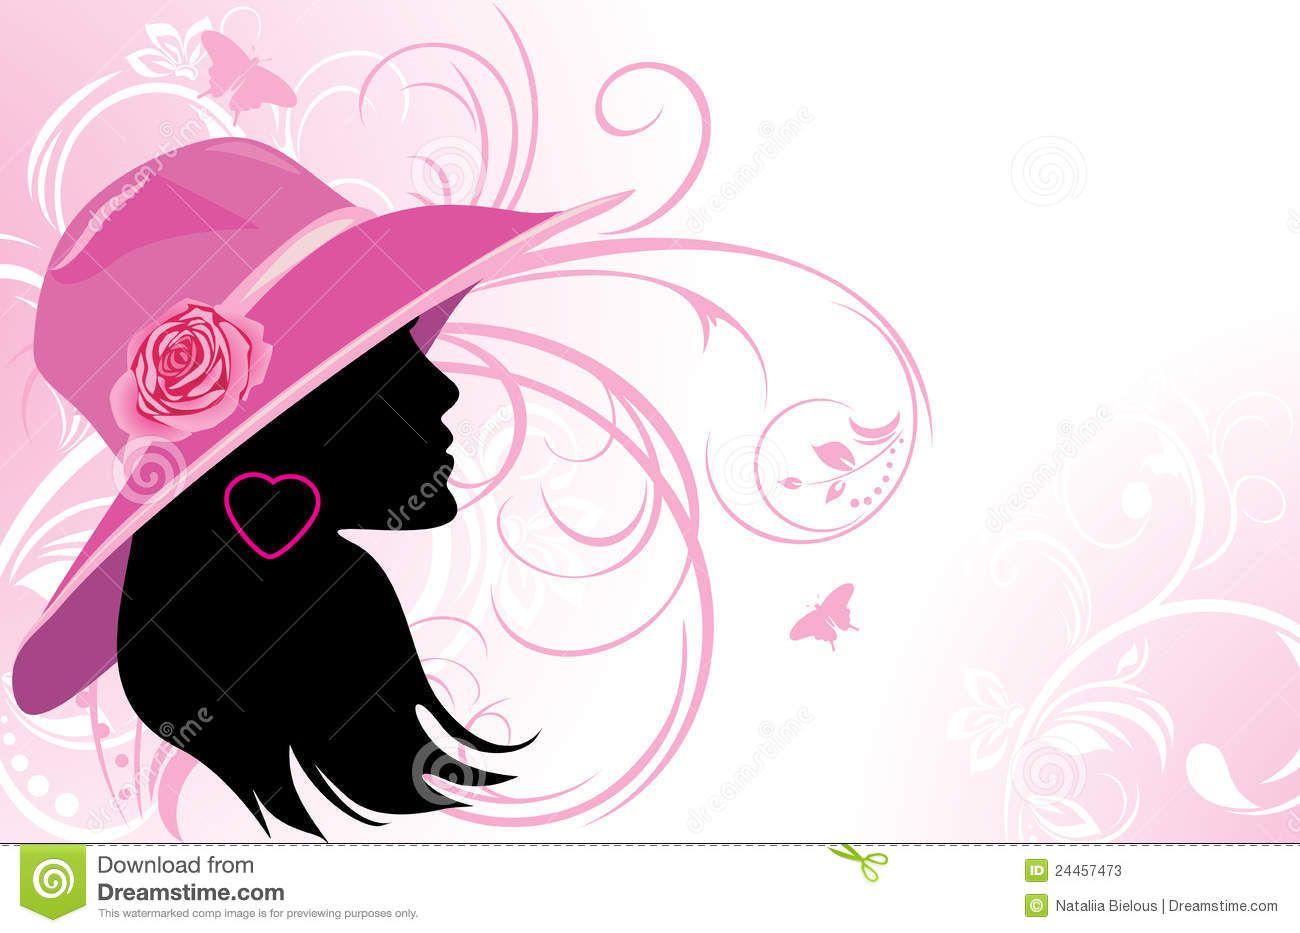 Imagen De Una Silueta De Una Mujer Para Colorear: Silueta Negra De Mujer Con Sombrero Color Rosa.